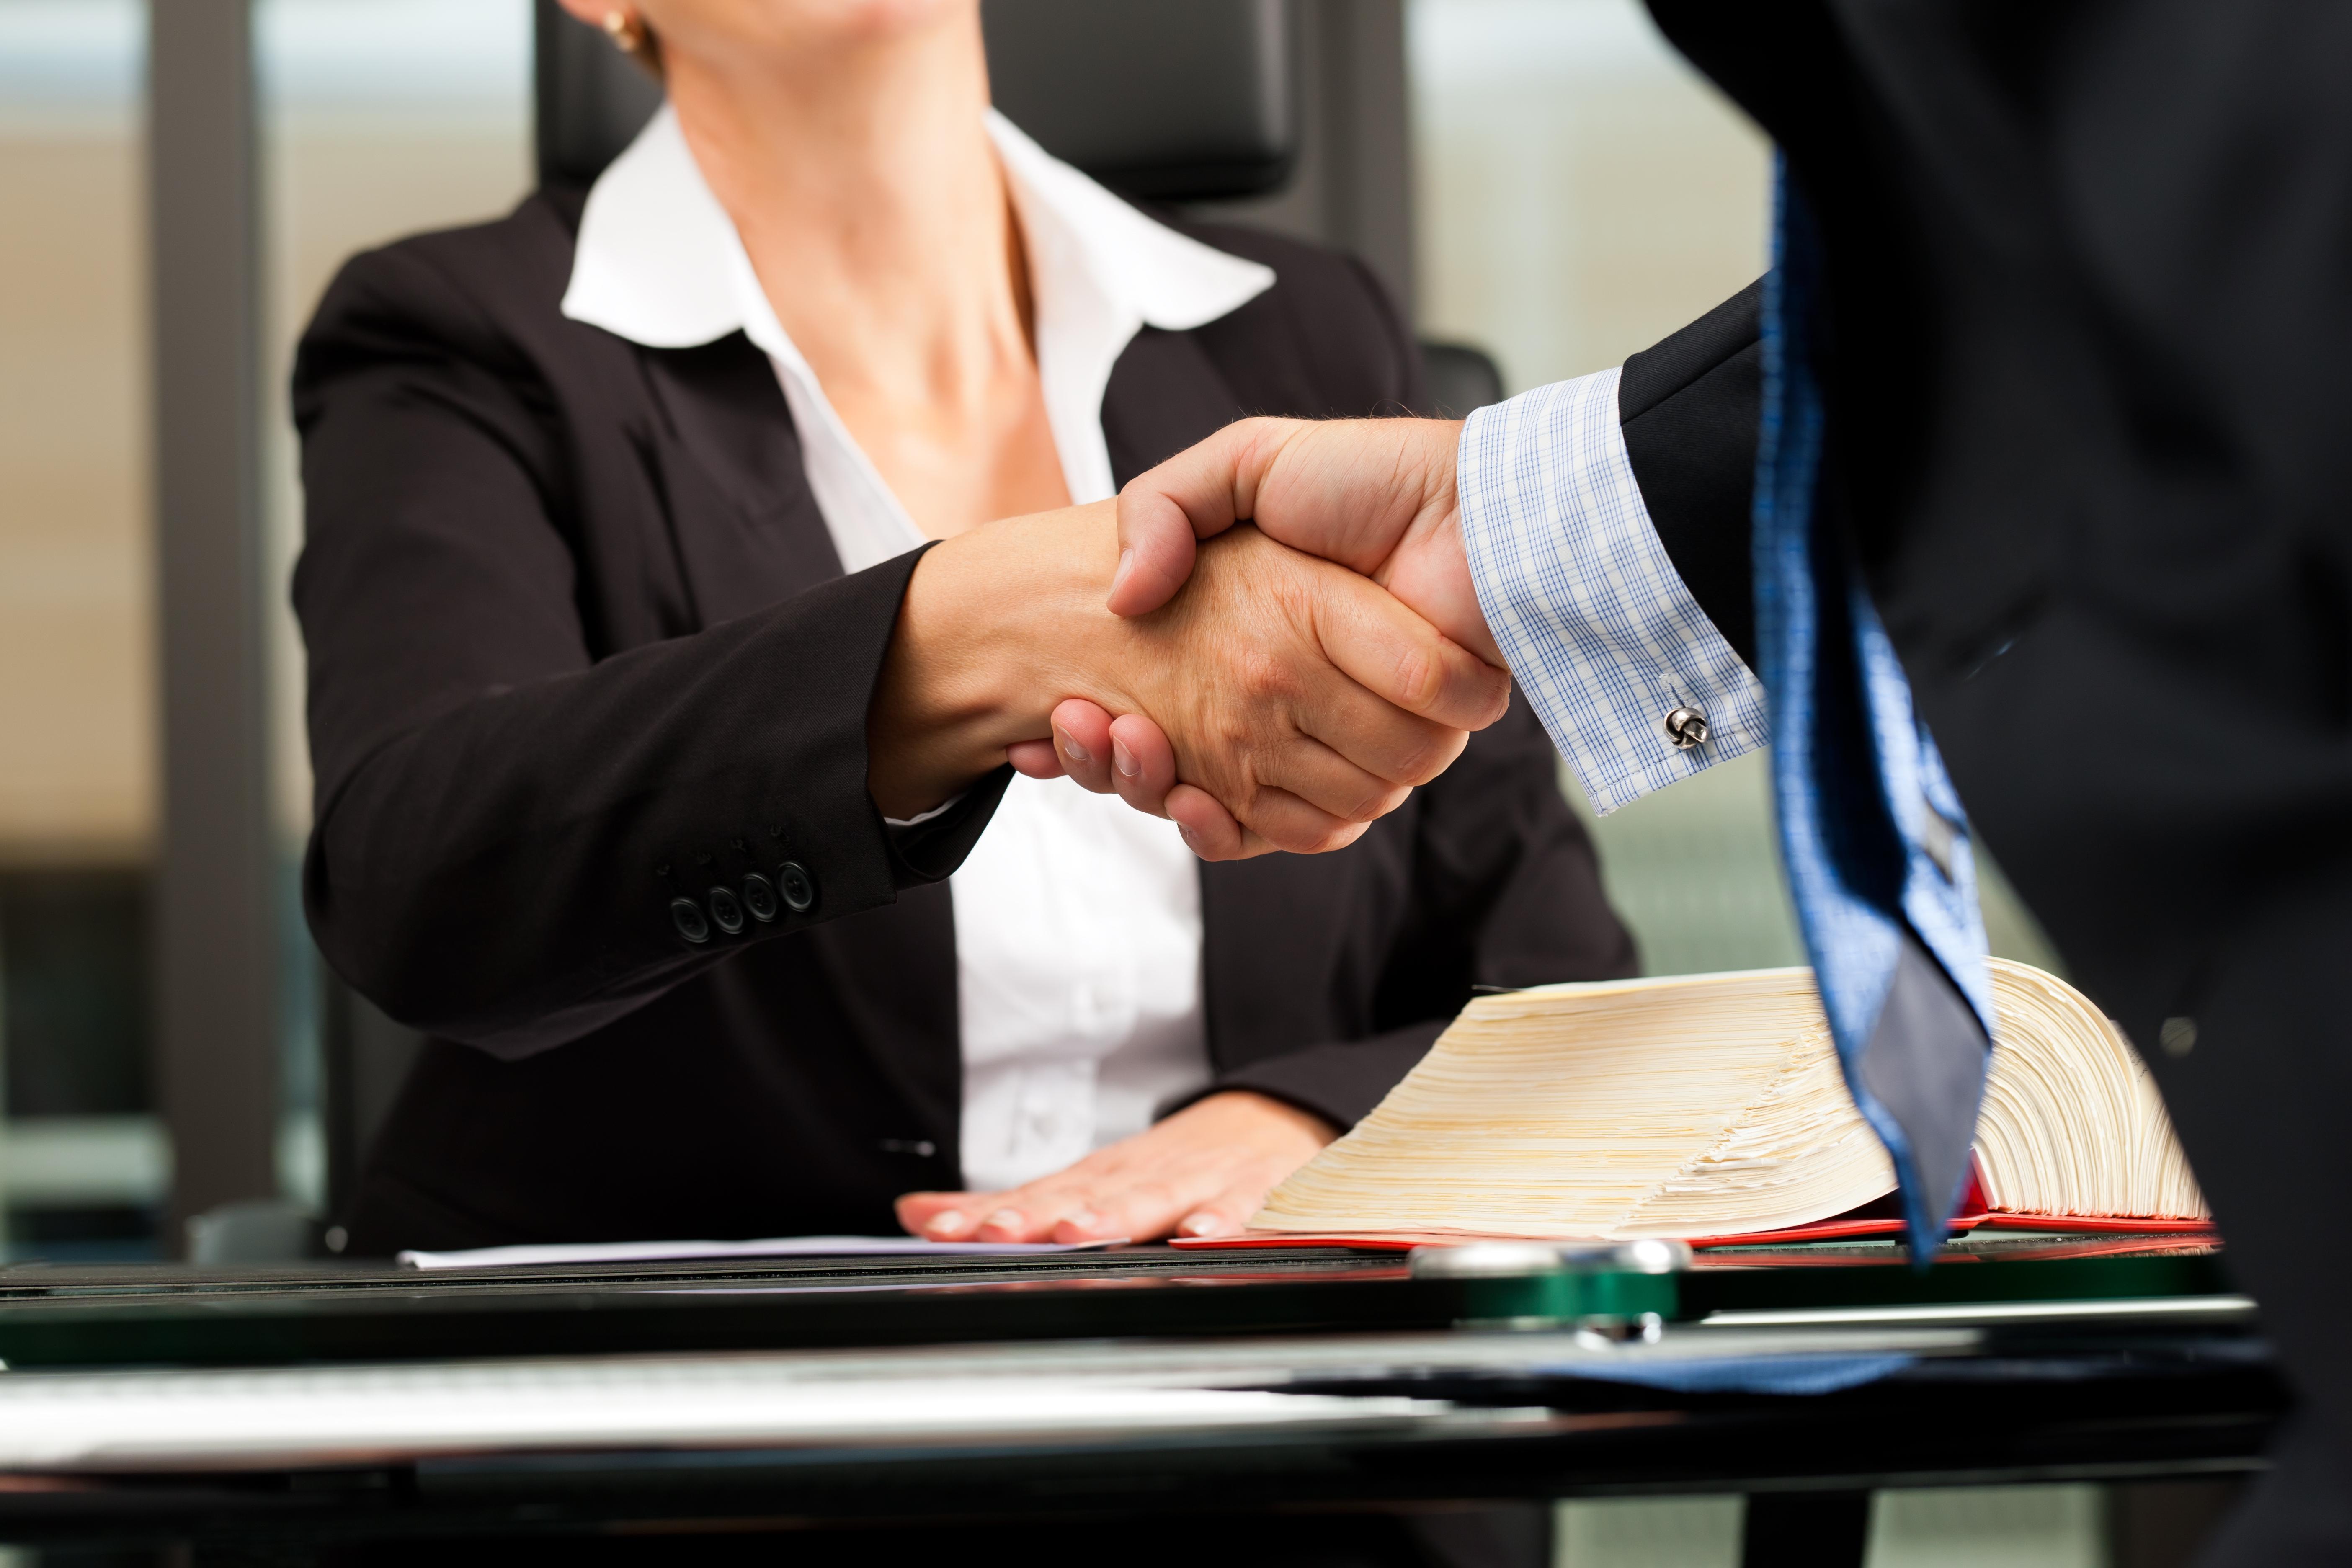 Firma Legal de Abogados en Español de Acuerdos en Casos de Compensación Laboral, Mayor Compensación de Pago Adelantado en Elgin